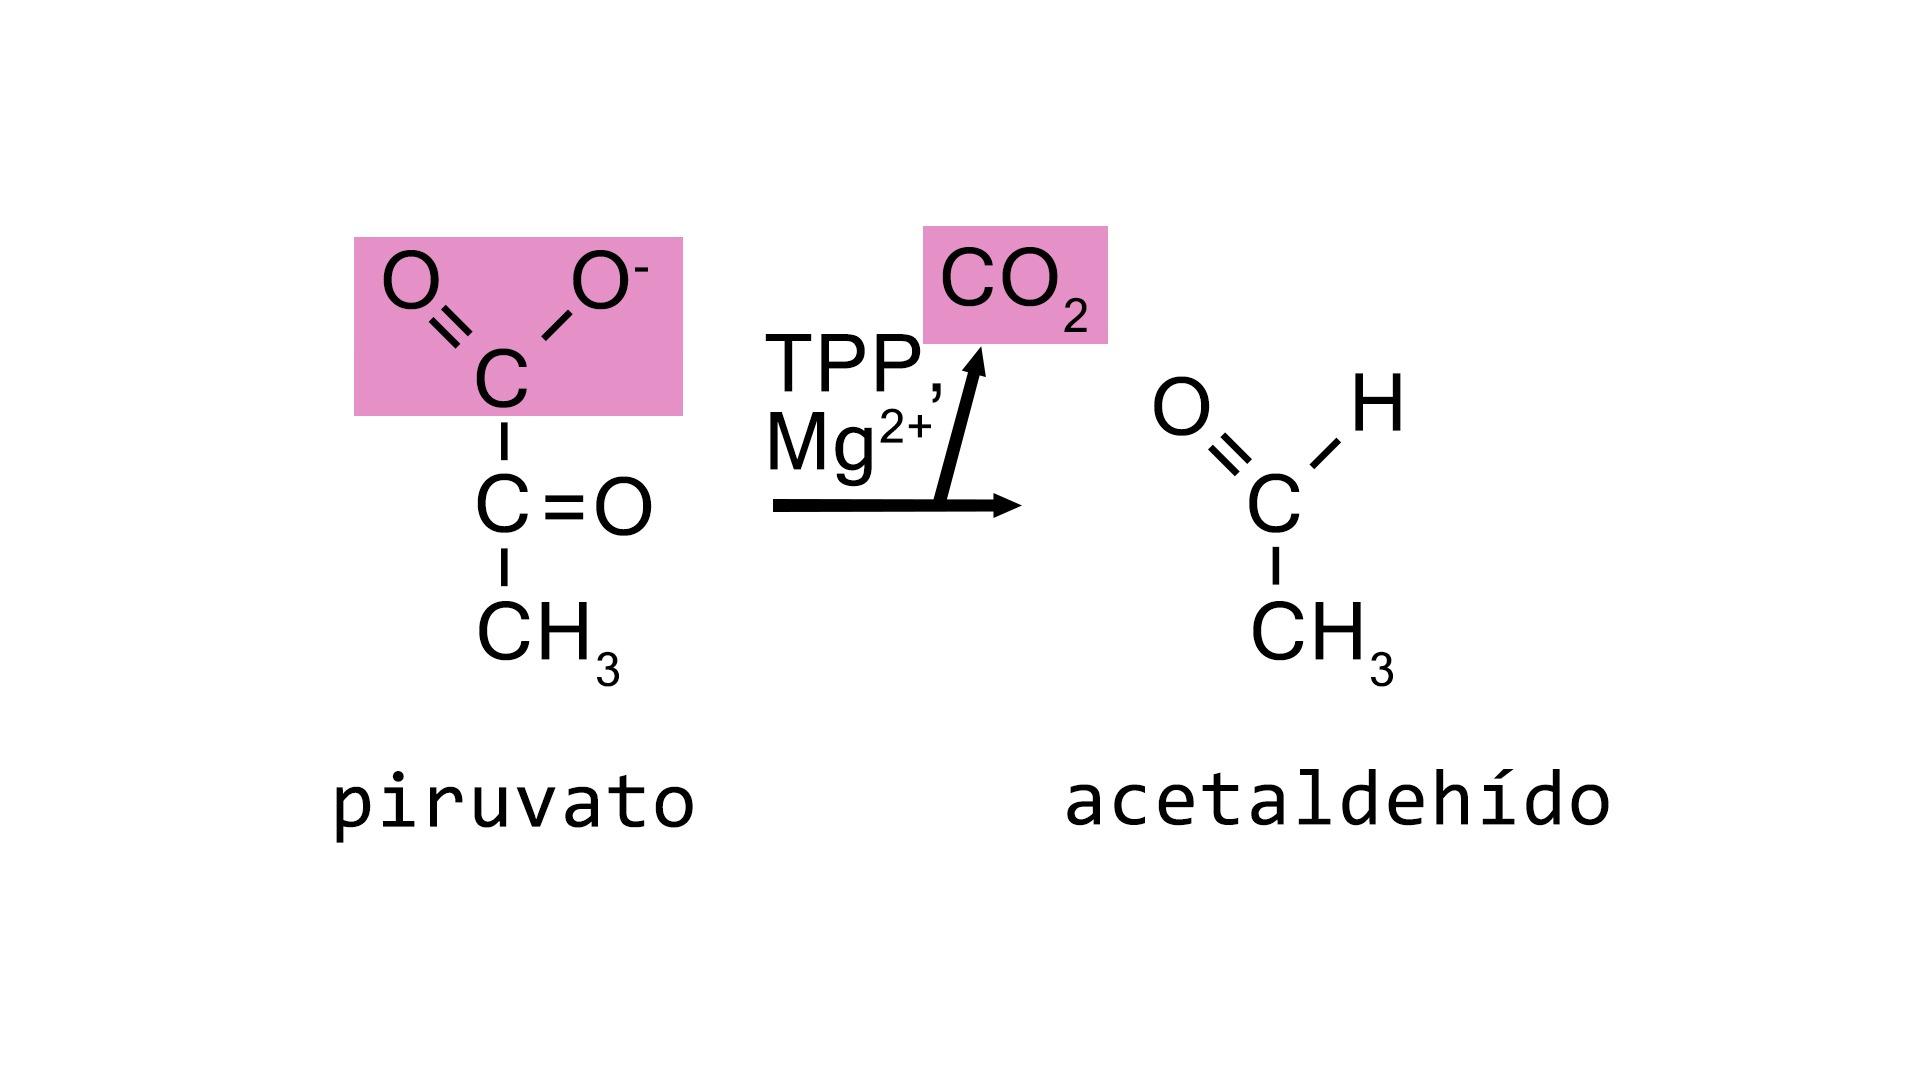 Descarboxilación del piruvato catalizada por la enzima piruvato descarboxilasa